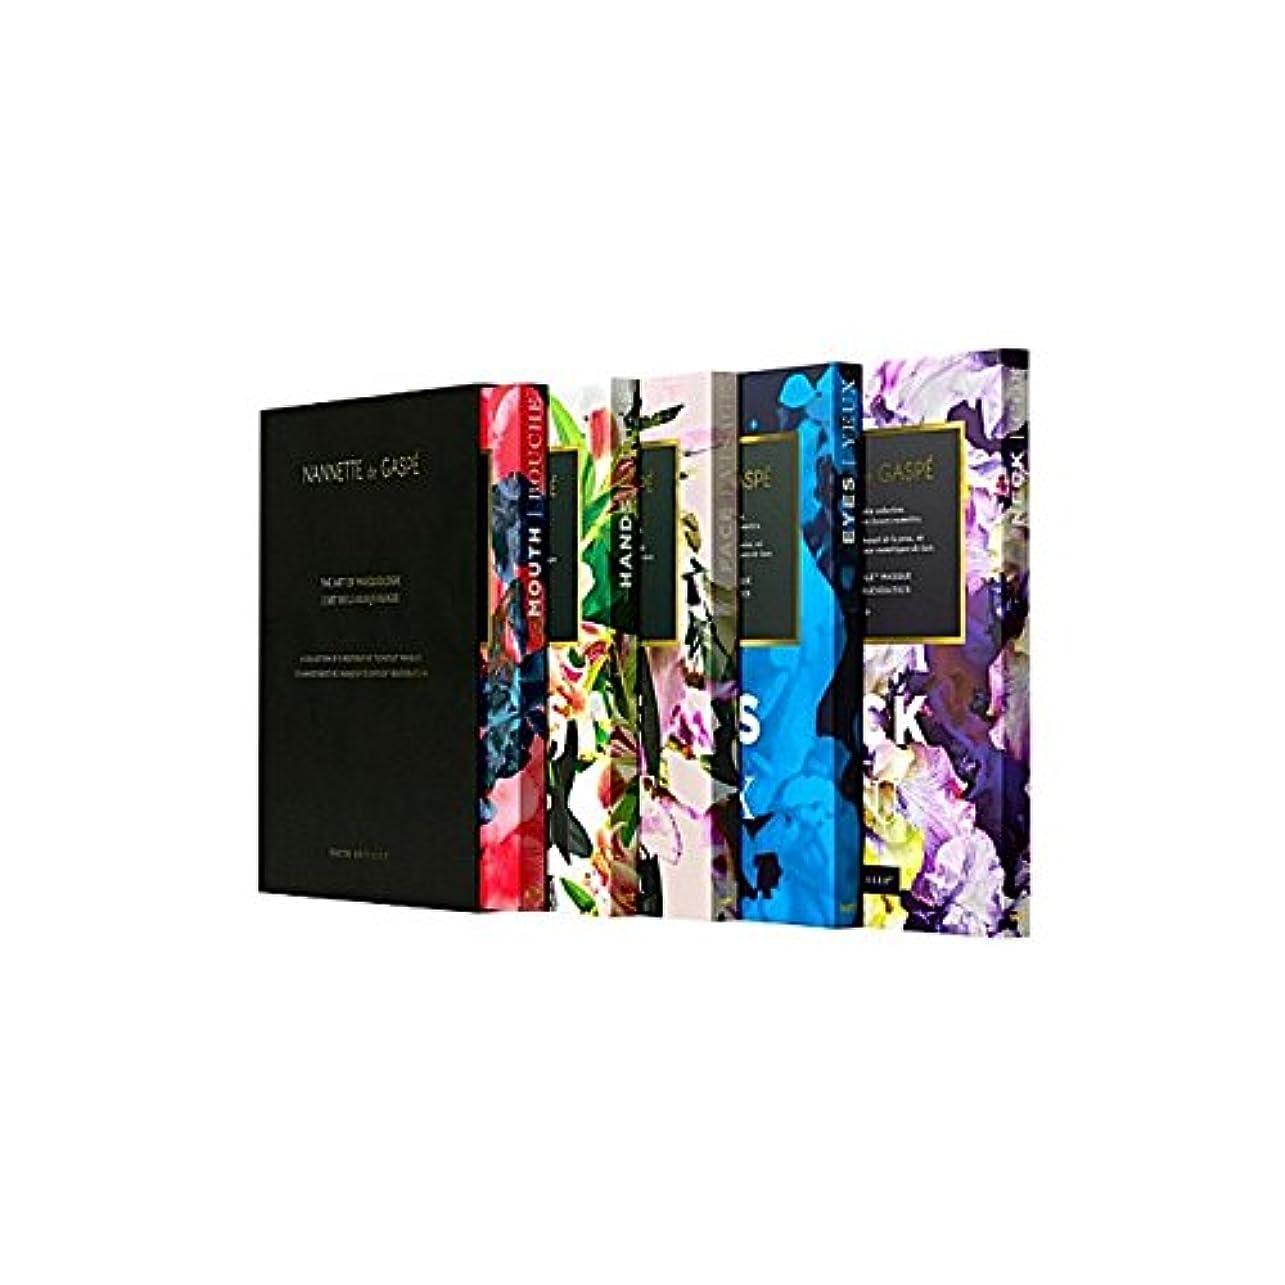 ラベポゴスティックジャンプ怖いデガスペ修復仮面劇コフレ x2 - Nannette De Gaspe Restorative Techstile Masque Coffret (Pack of 2) [並行輸入品]